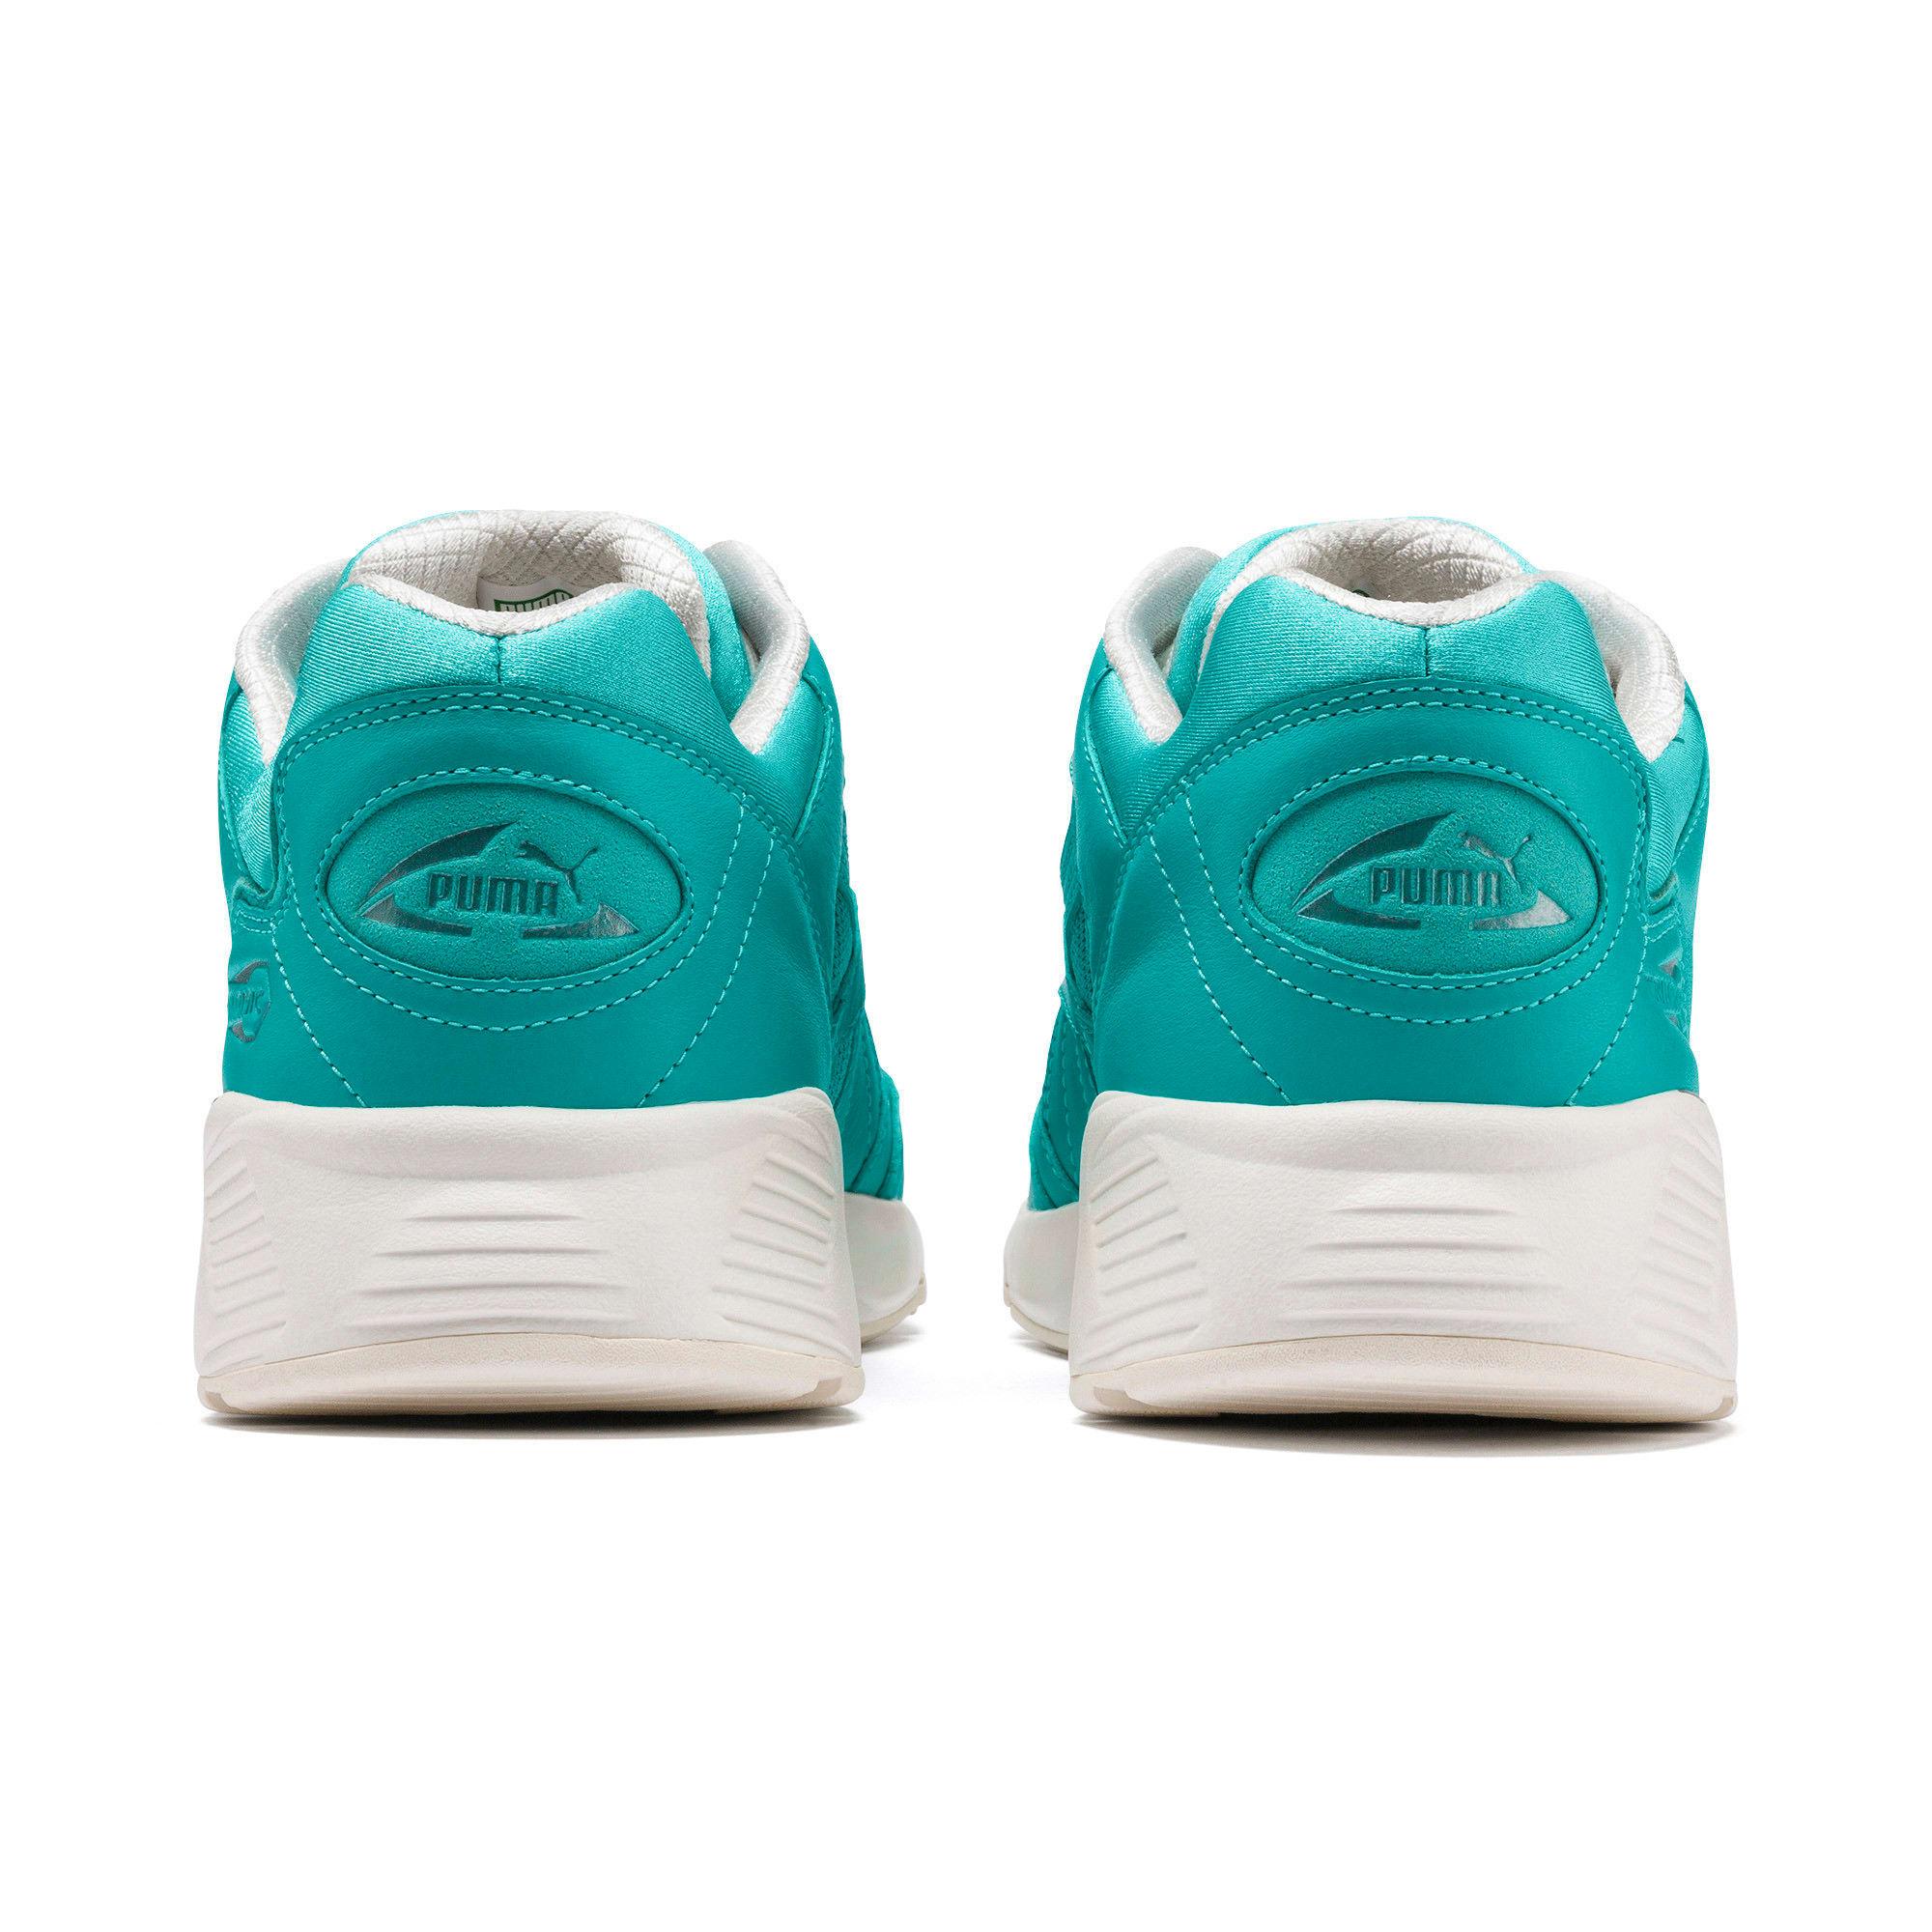 Miniatura 3 de Zapatos deportivosPrevail IR Reality, Blue Turquoise-Whisper White, mediano